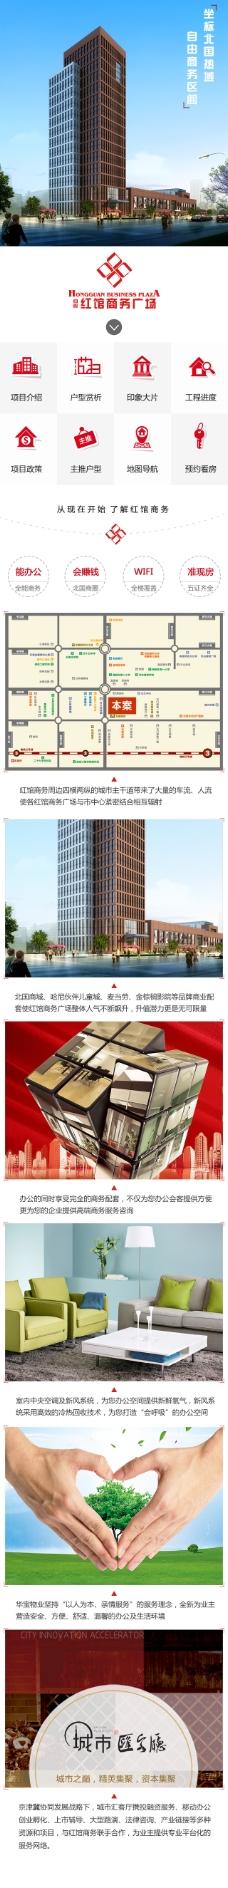 房产微官网 地产项目 微页面 微信商城